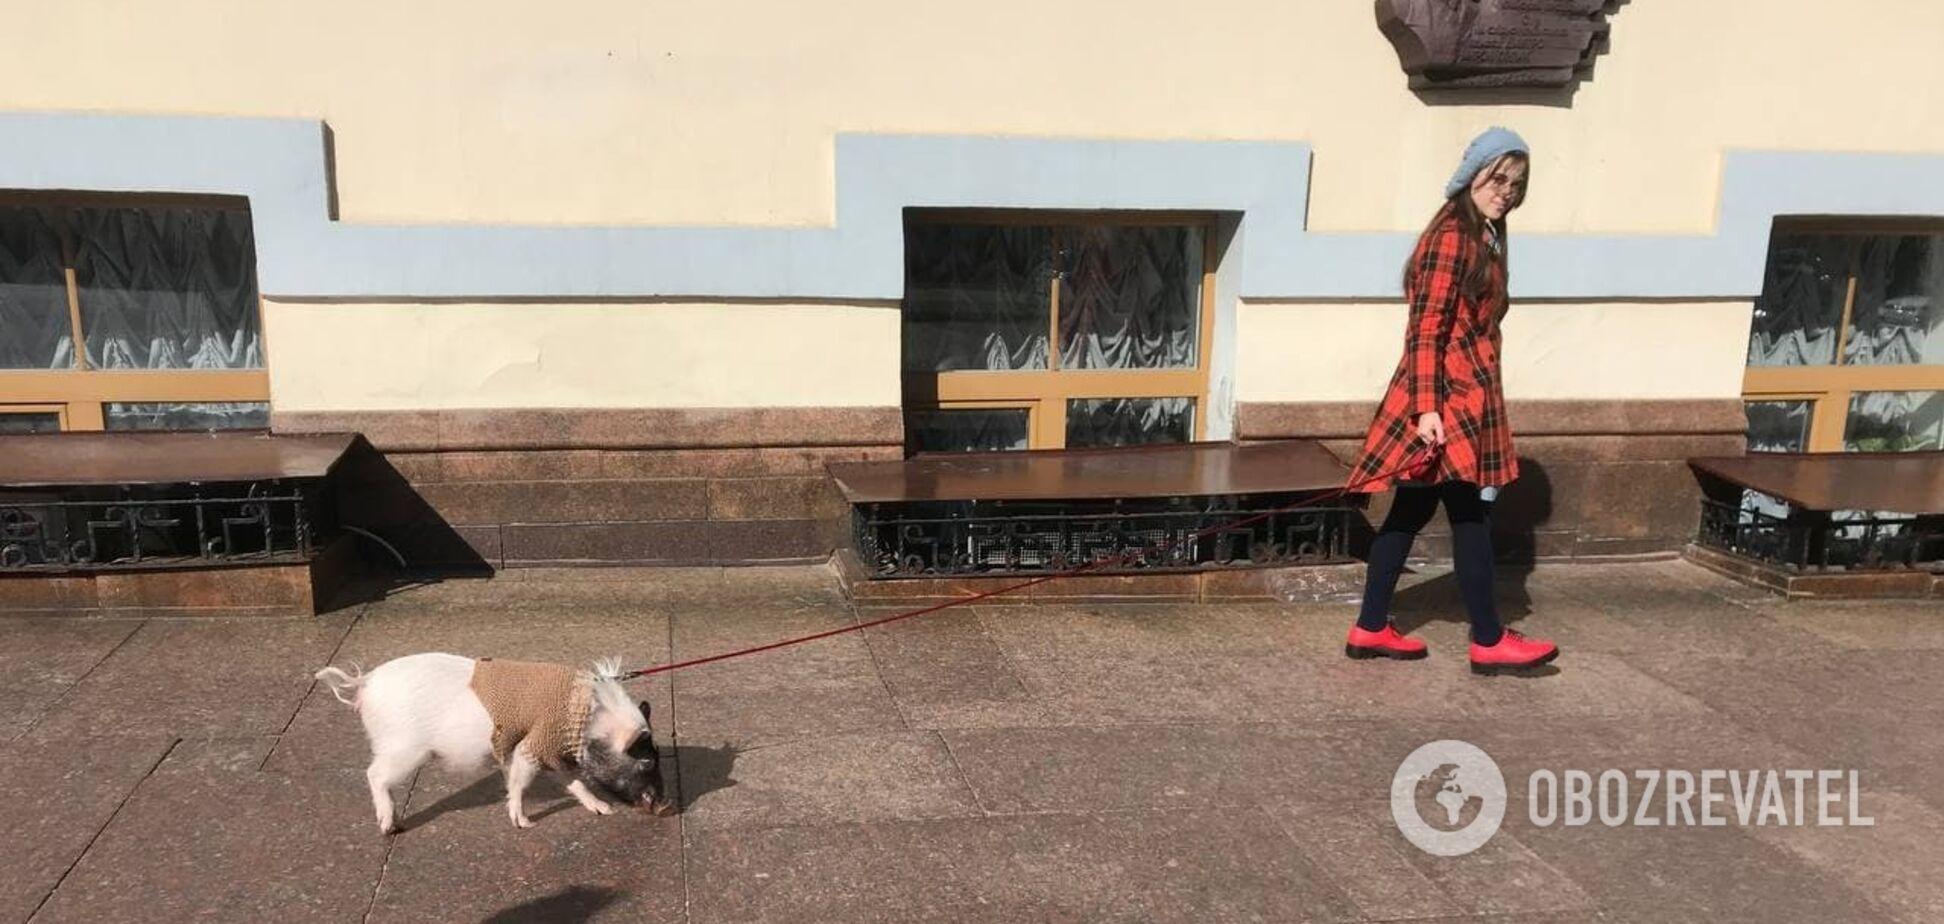 У центрі Києва розгулювала свиня